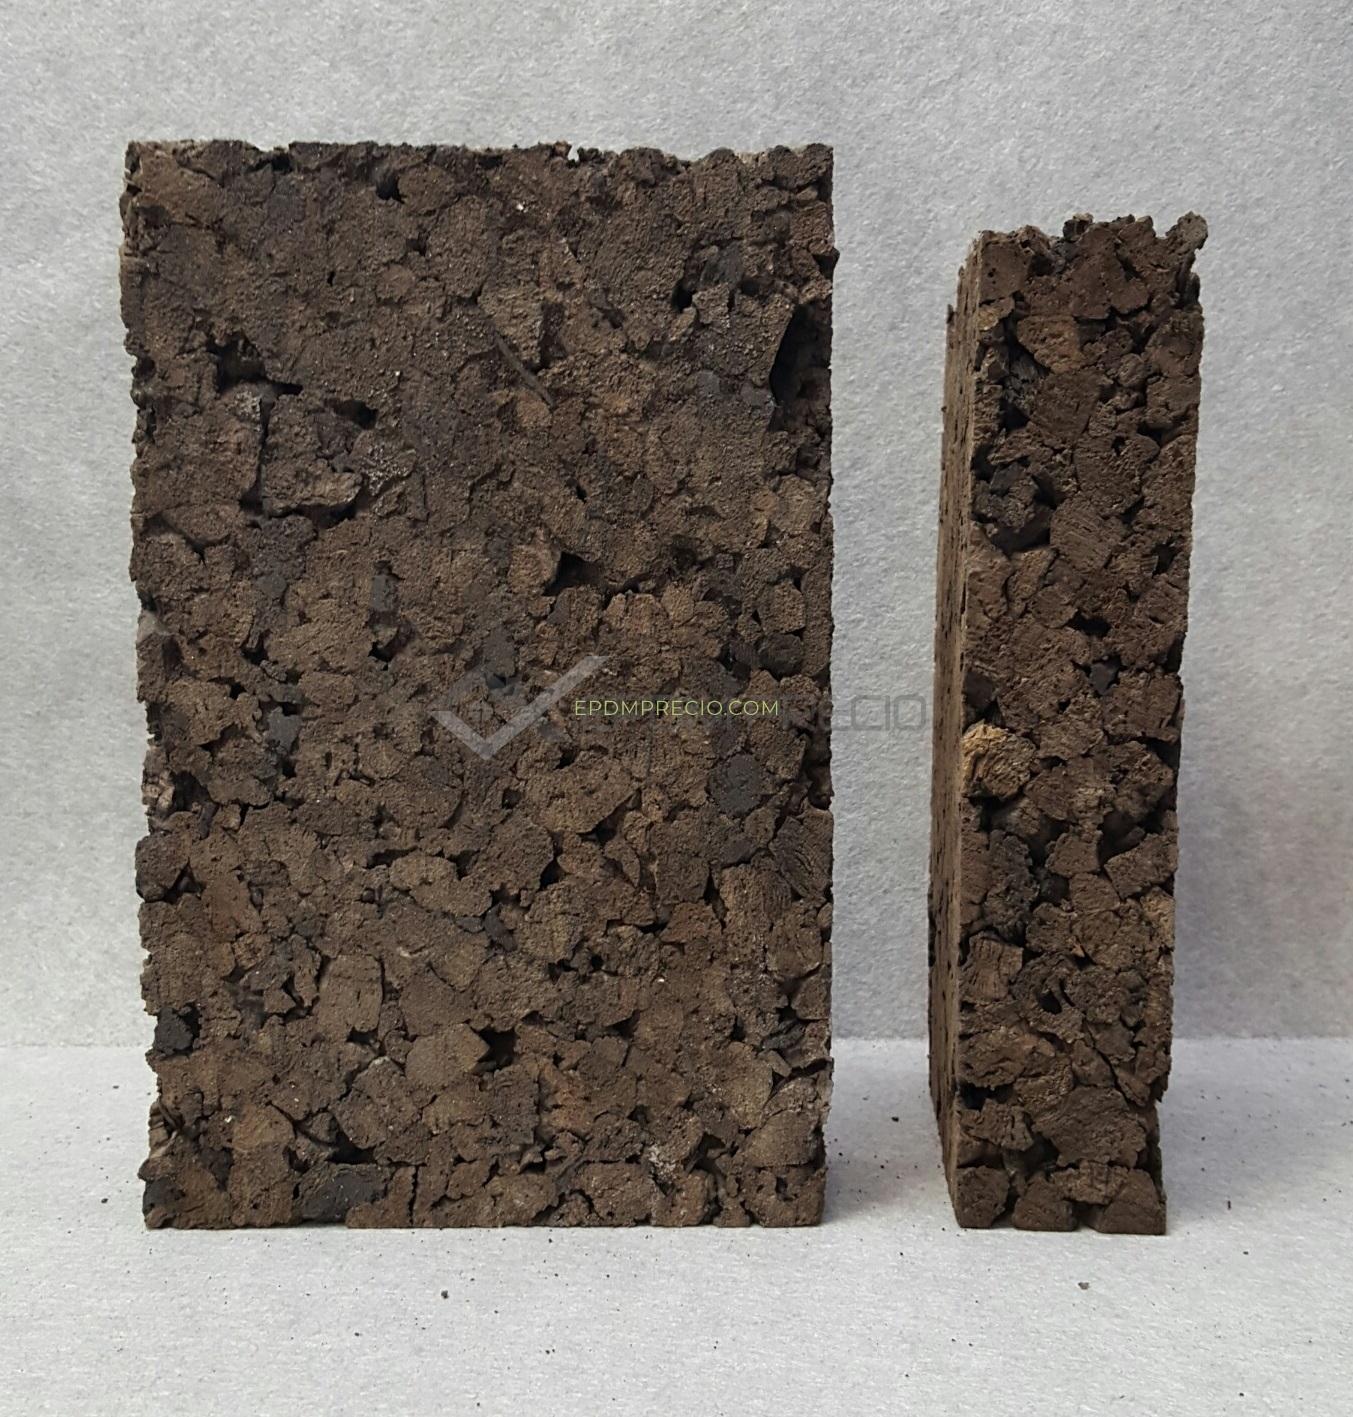 Aislamiento corcho natural en placa 20mm edpm - Corcho aislante precio ...